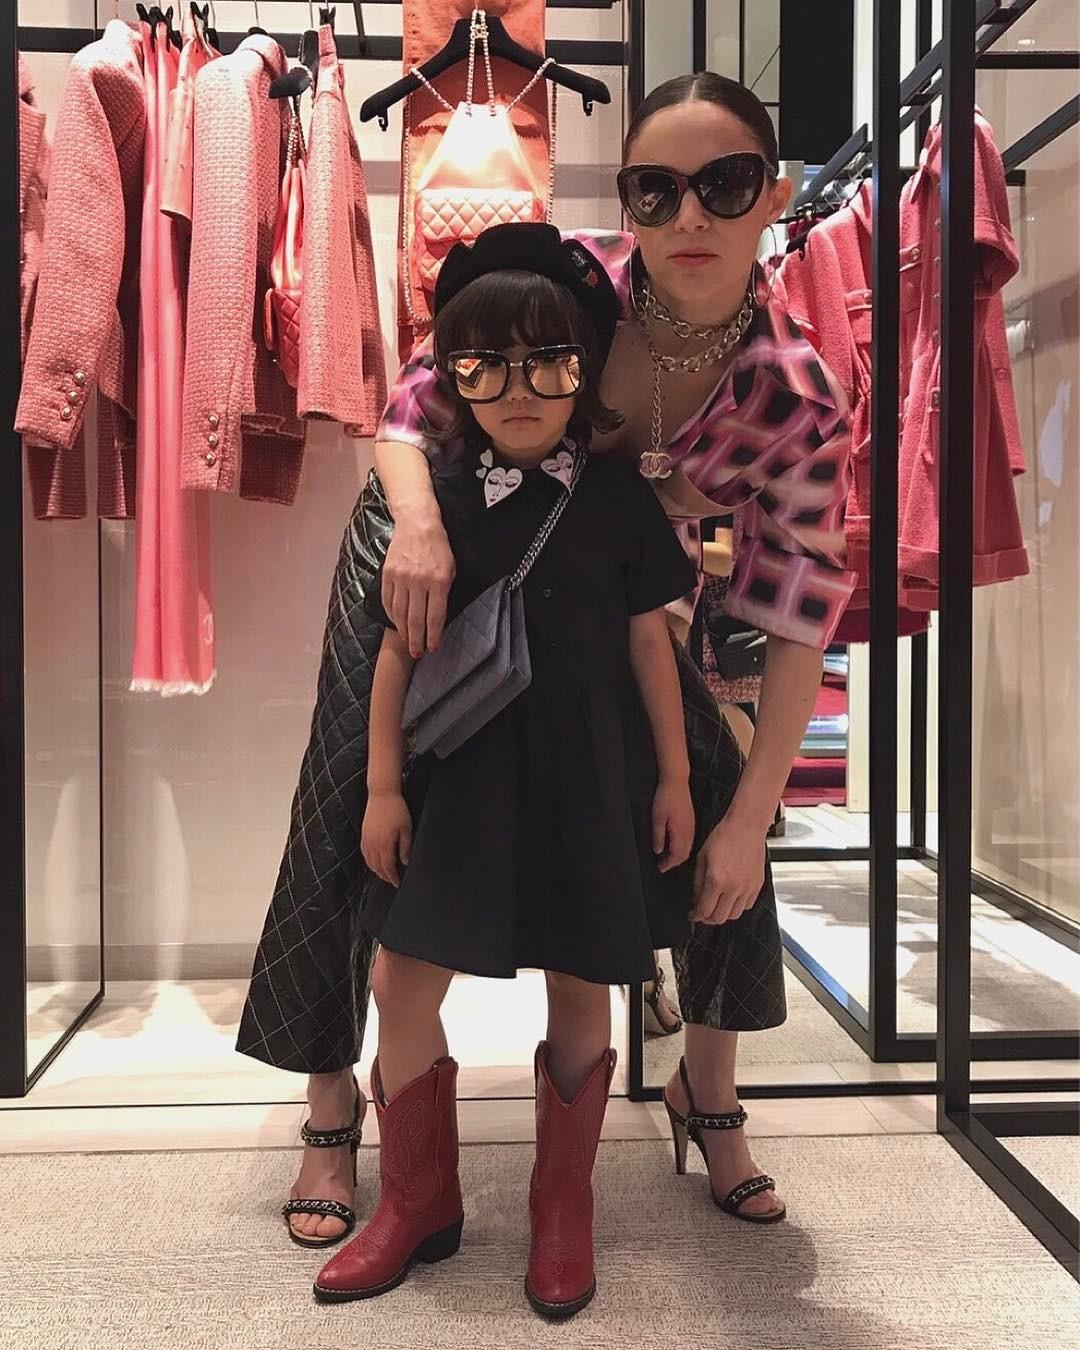 Mix đồ đẹp hơn người lớn, luôn đeo kính cực ngầu, cô bé này chính là fashion icon nhí chất nhất Nhật Bản - Ảnh 19.